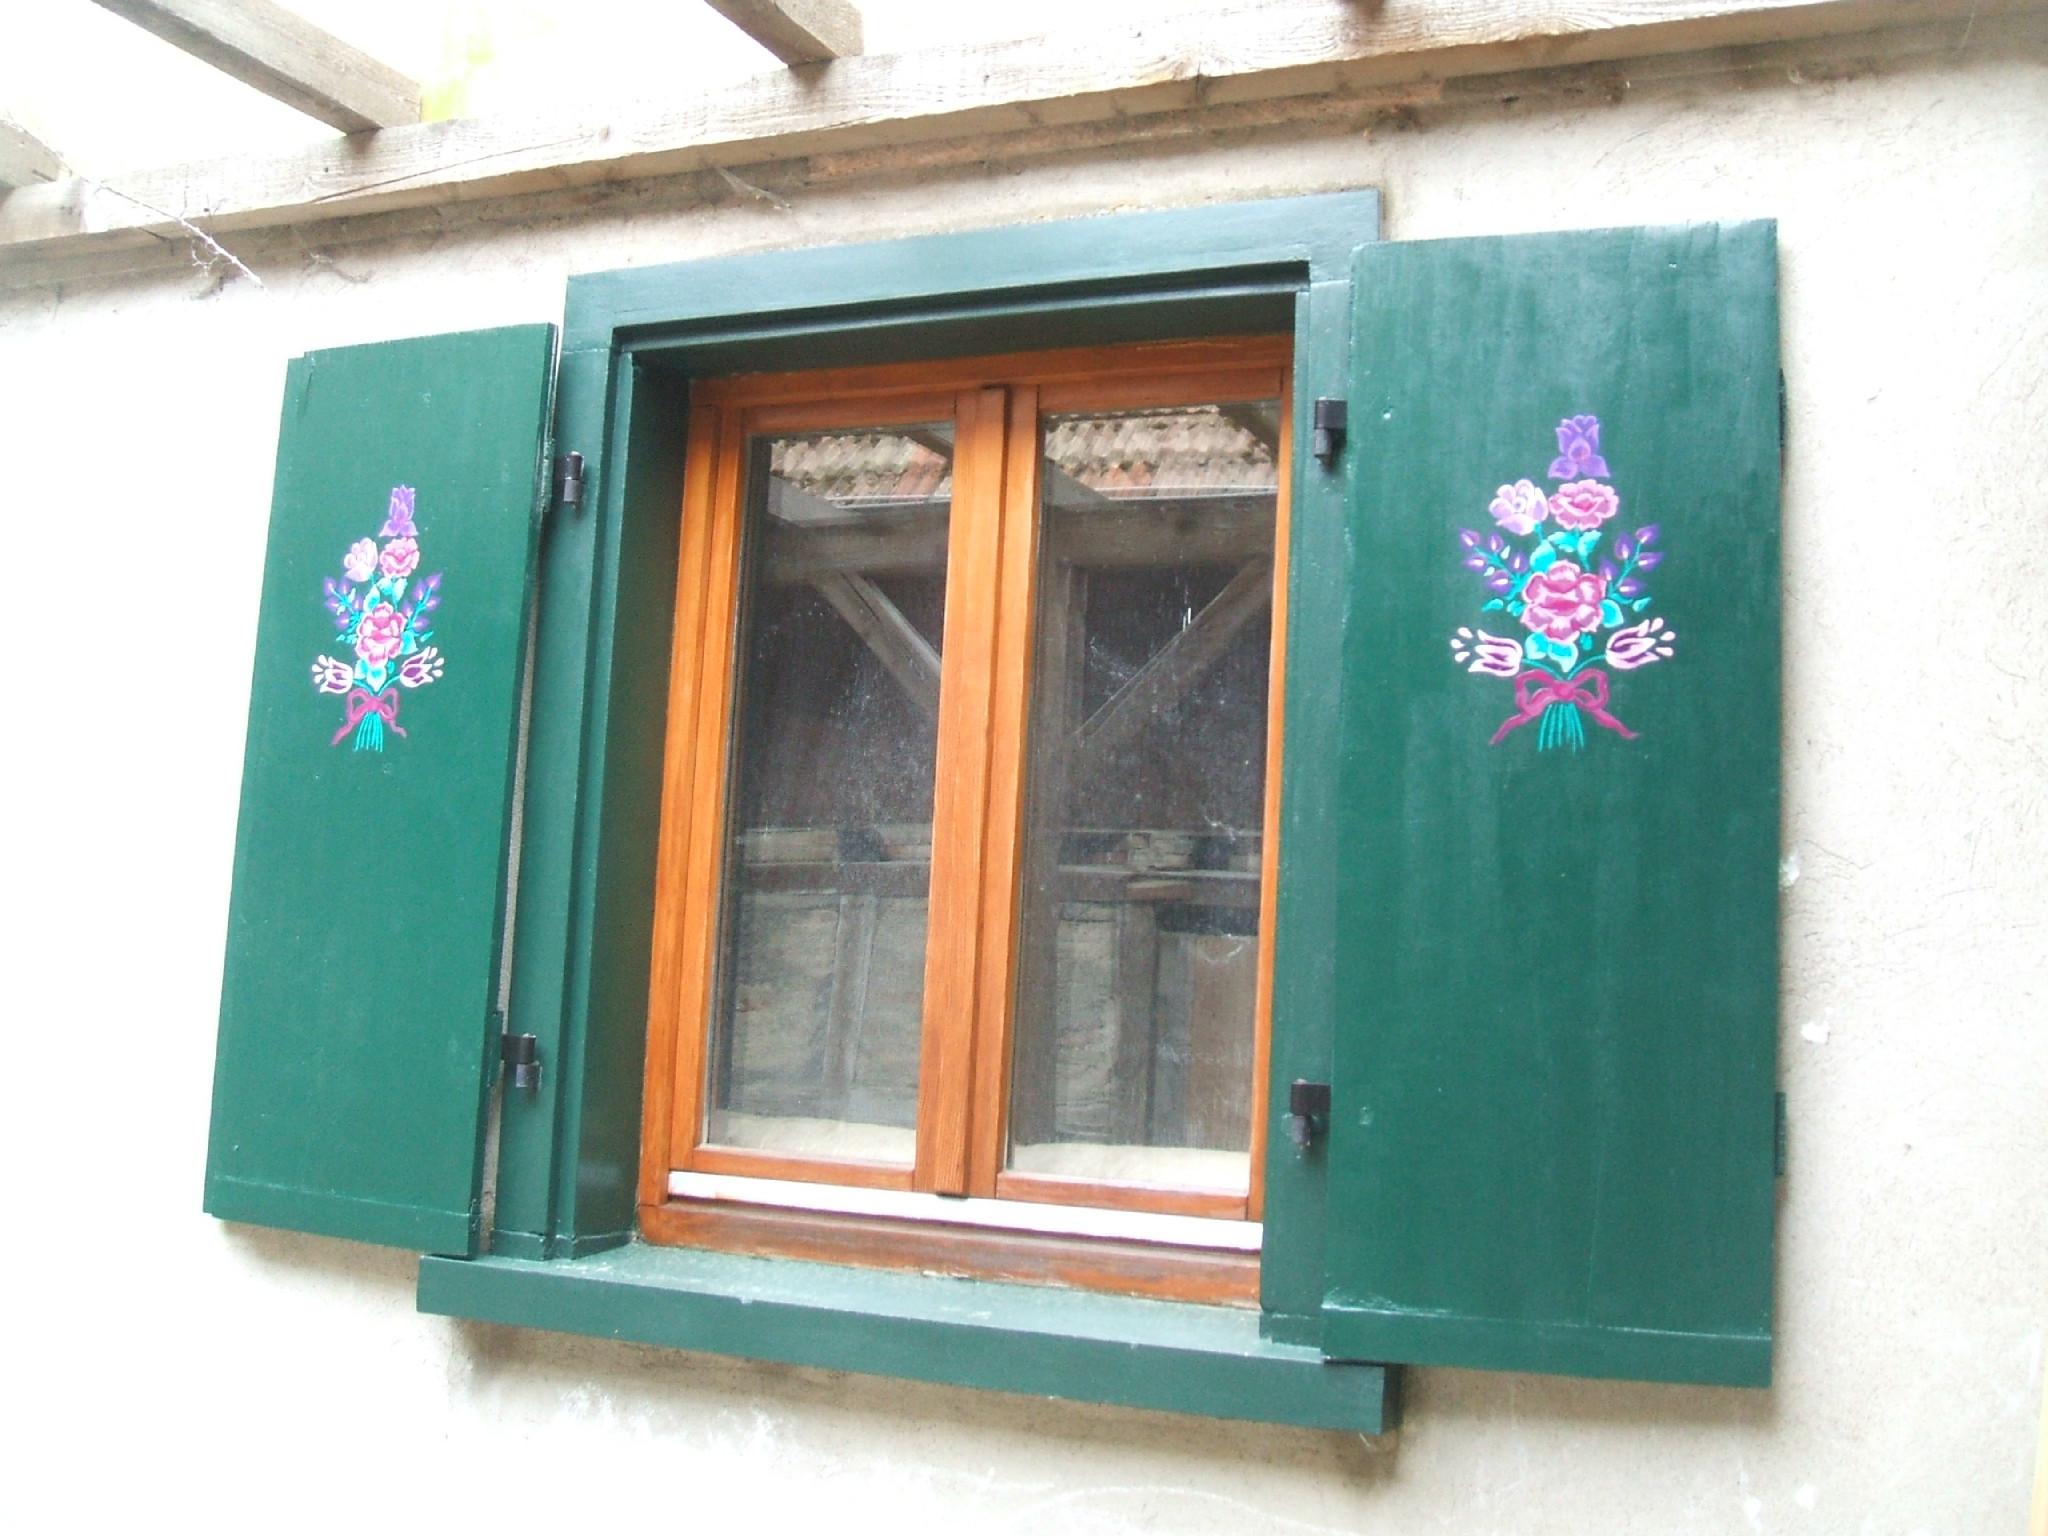 idee couleur peinture volet bois avec volets peint et peinture sur bois peneloppe ou les al as du idees et o avec px